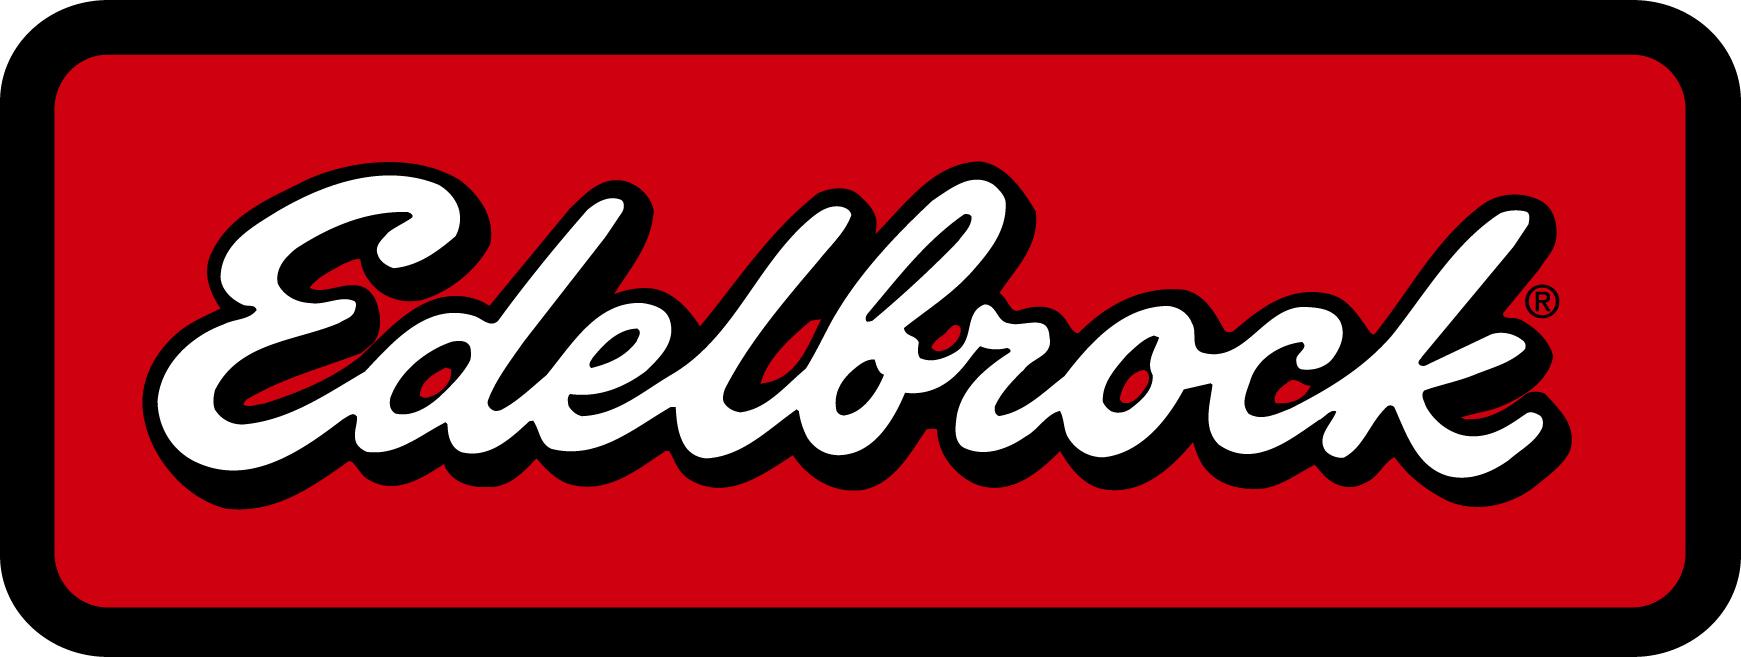 edelbrock-logo.jpg